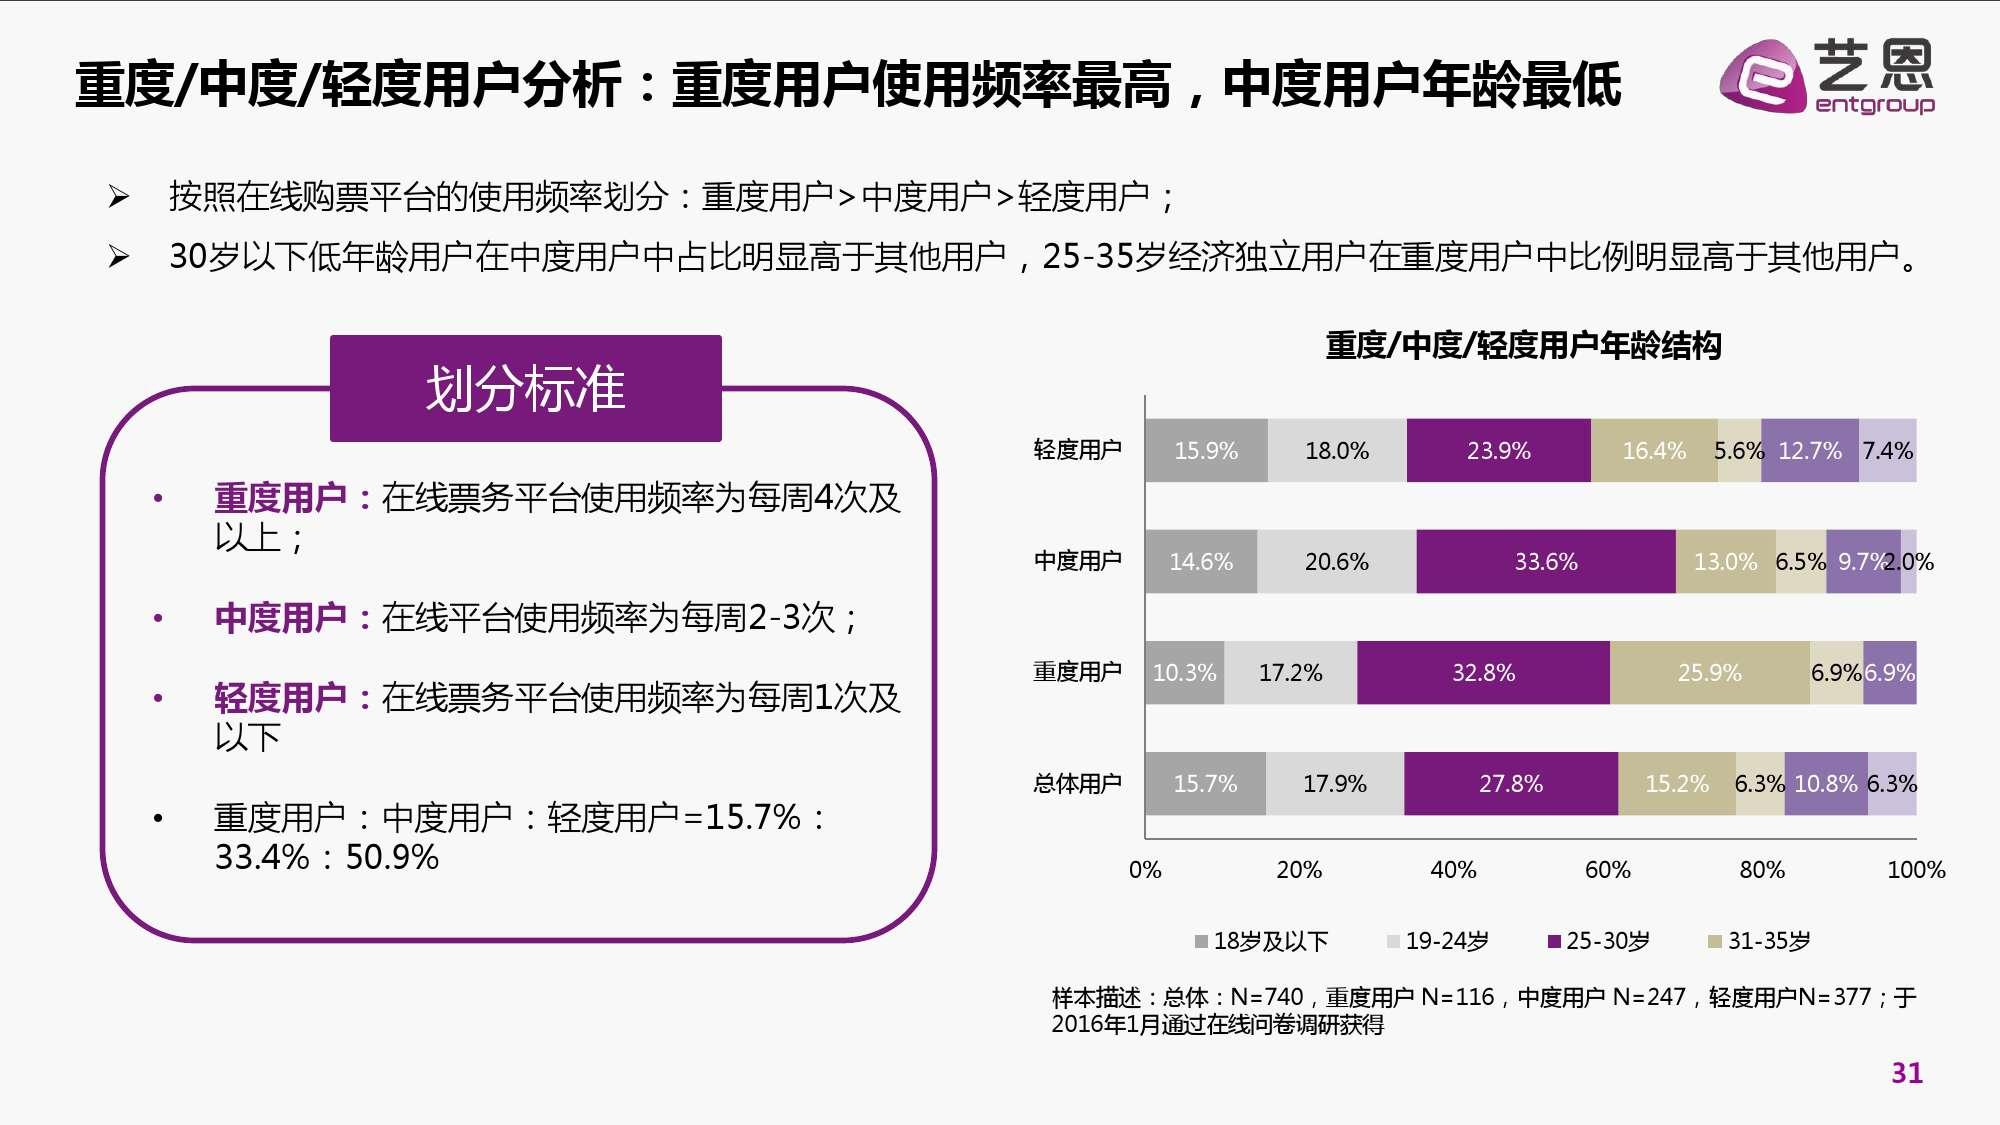 2016年中国电影在线票务市场研究报告_000031